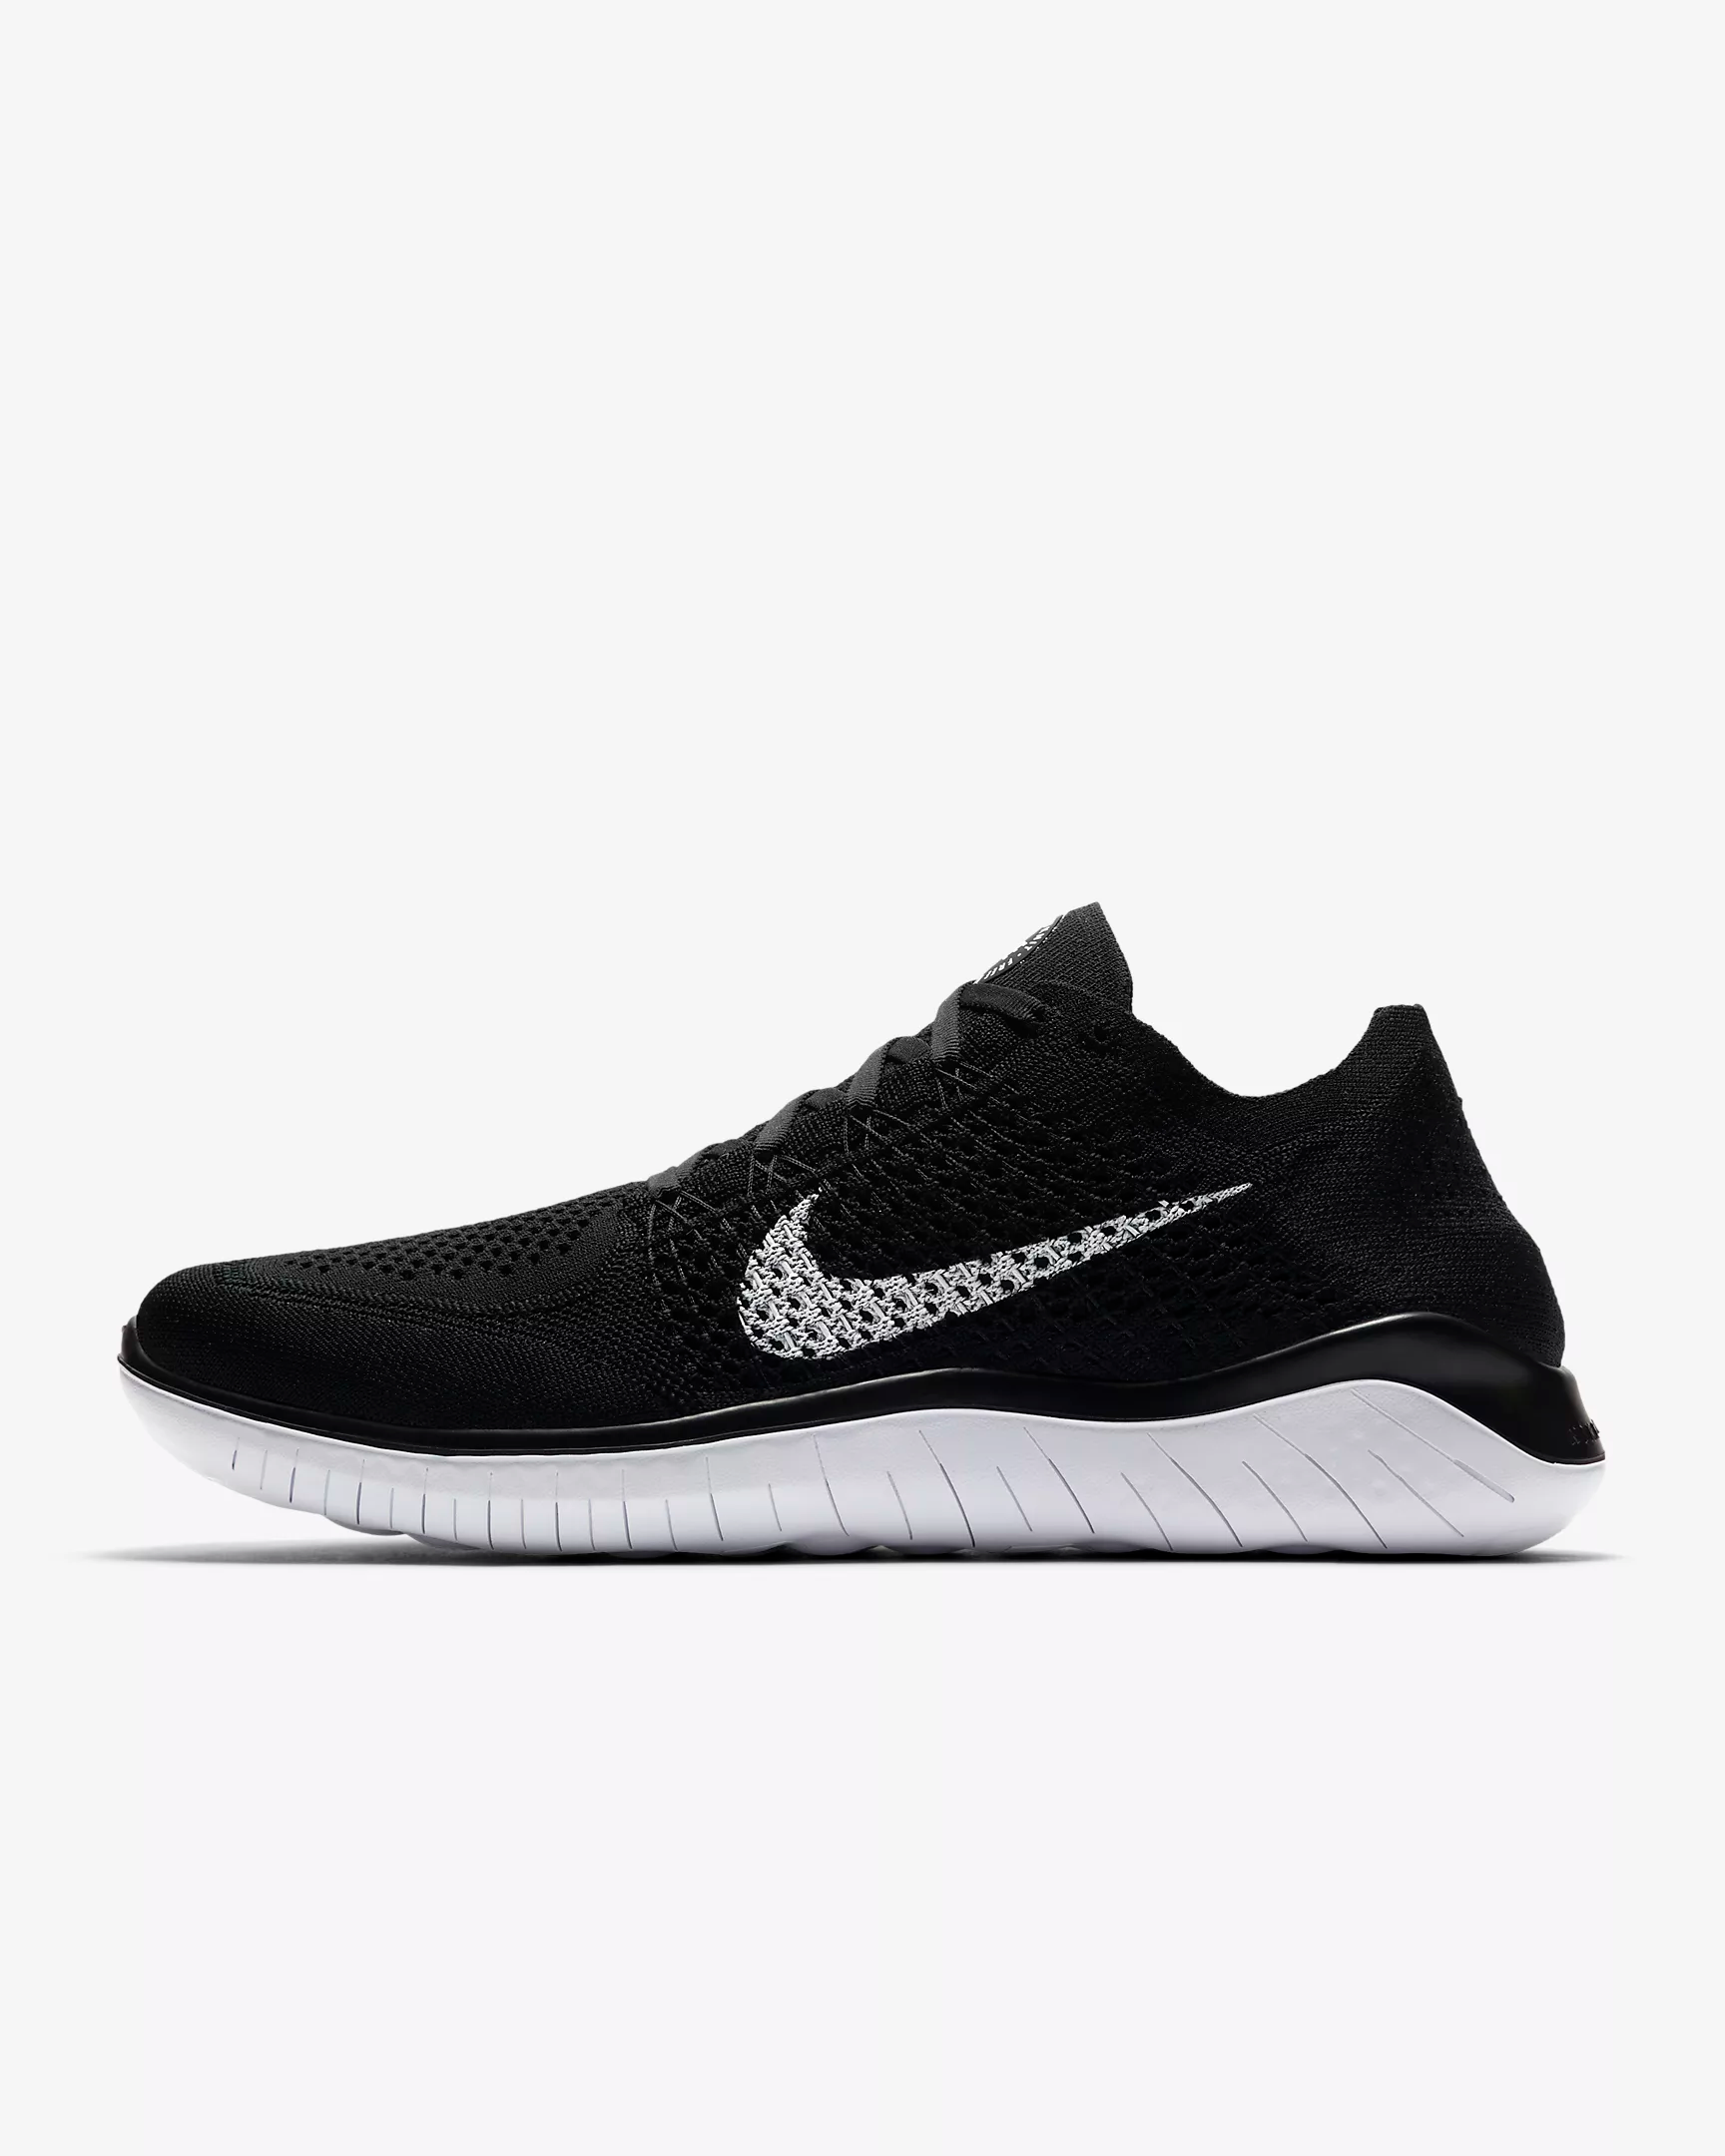 Free Rn Flyknit 2018 Men S Running Shoe Running Shoes For Men Running Shoes Nike Free Nike Shoes Mens Running